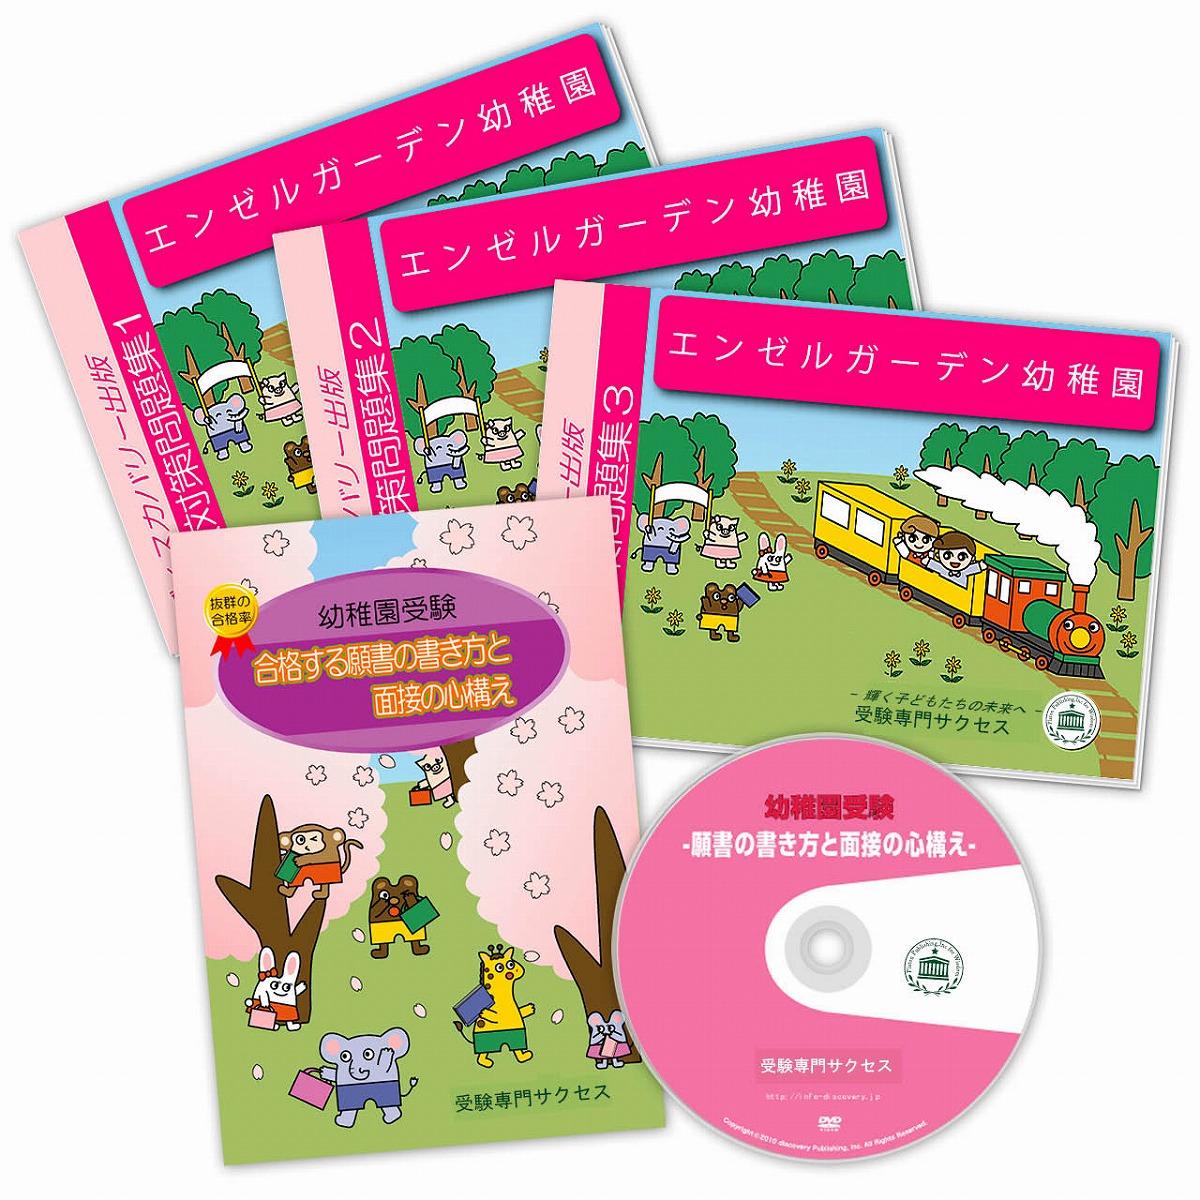 【送料・代引手数料無料】エンゼルガーデン幼稚園・合格セット